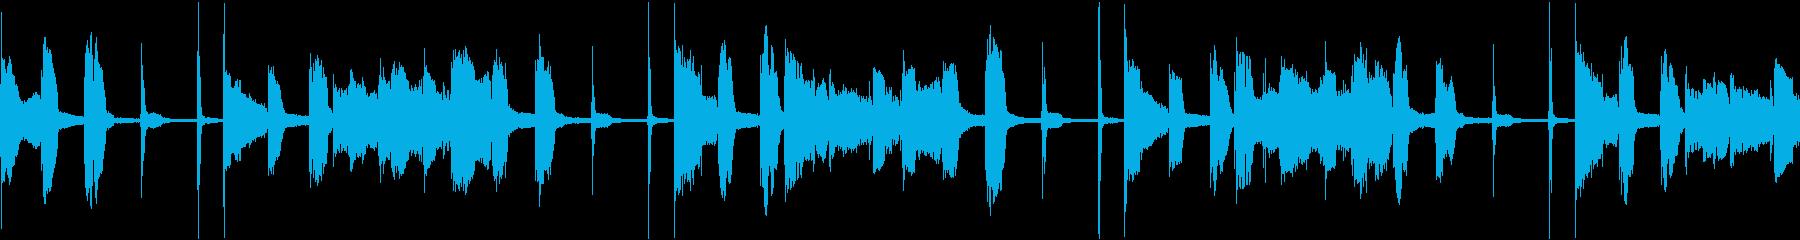 ループ素材_ファンクスラップギターの再生済みの波形